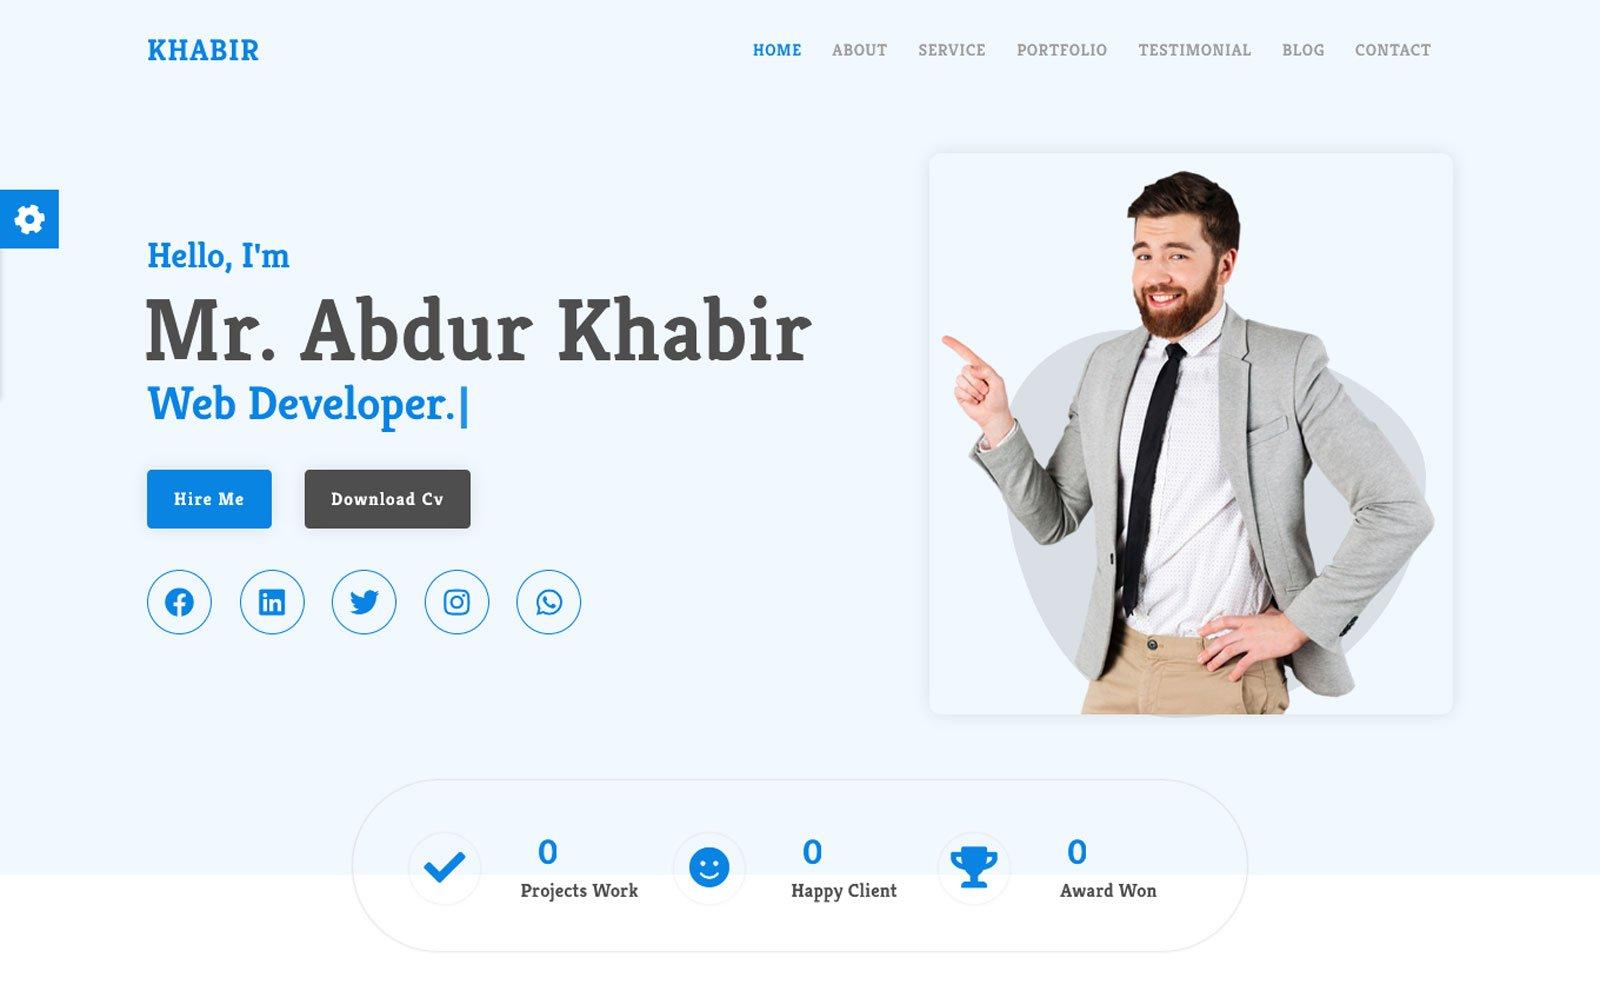 """""""Al-Khabir - Creative Portfolio CV/Resume"""" modèle  de page d'atterrissage adaptatif #122887"""